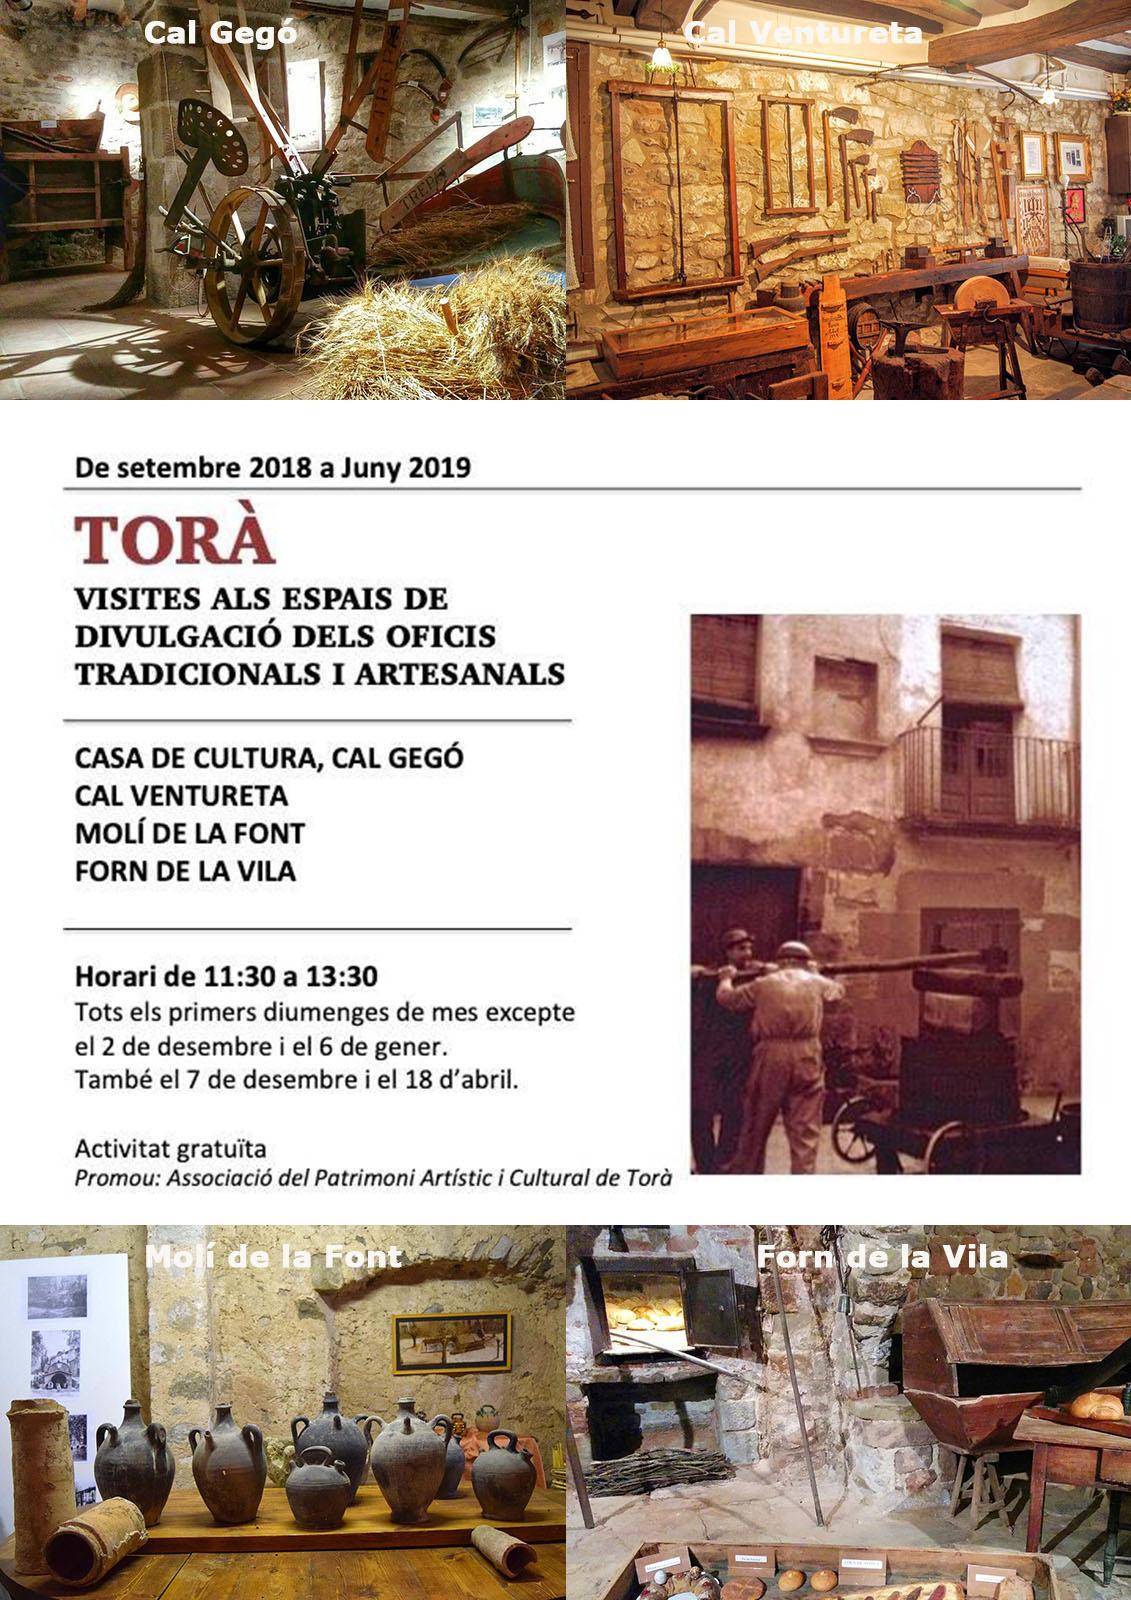 Visites als espais de divulgació dels oficis tradicionals de Torà